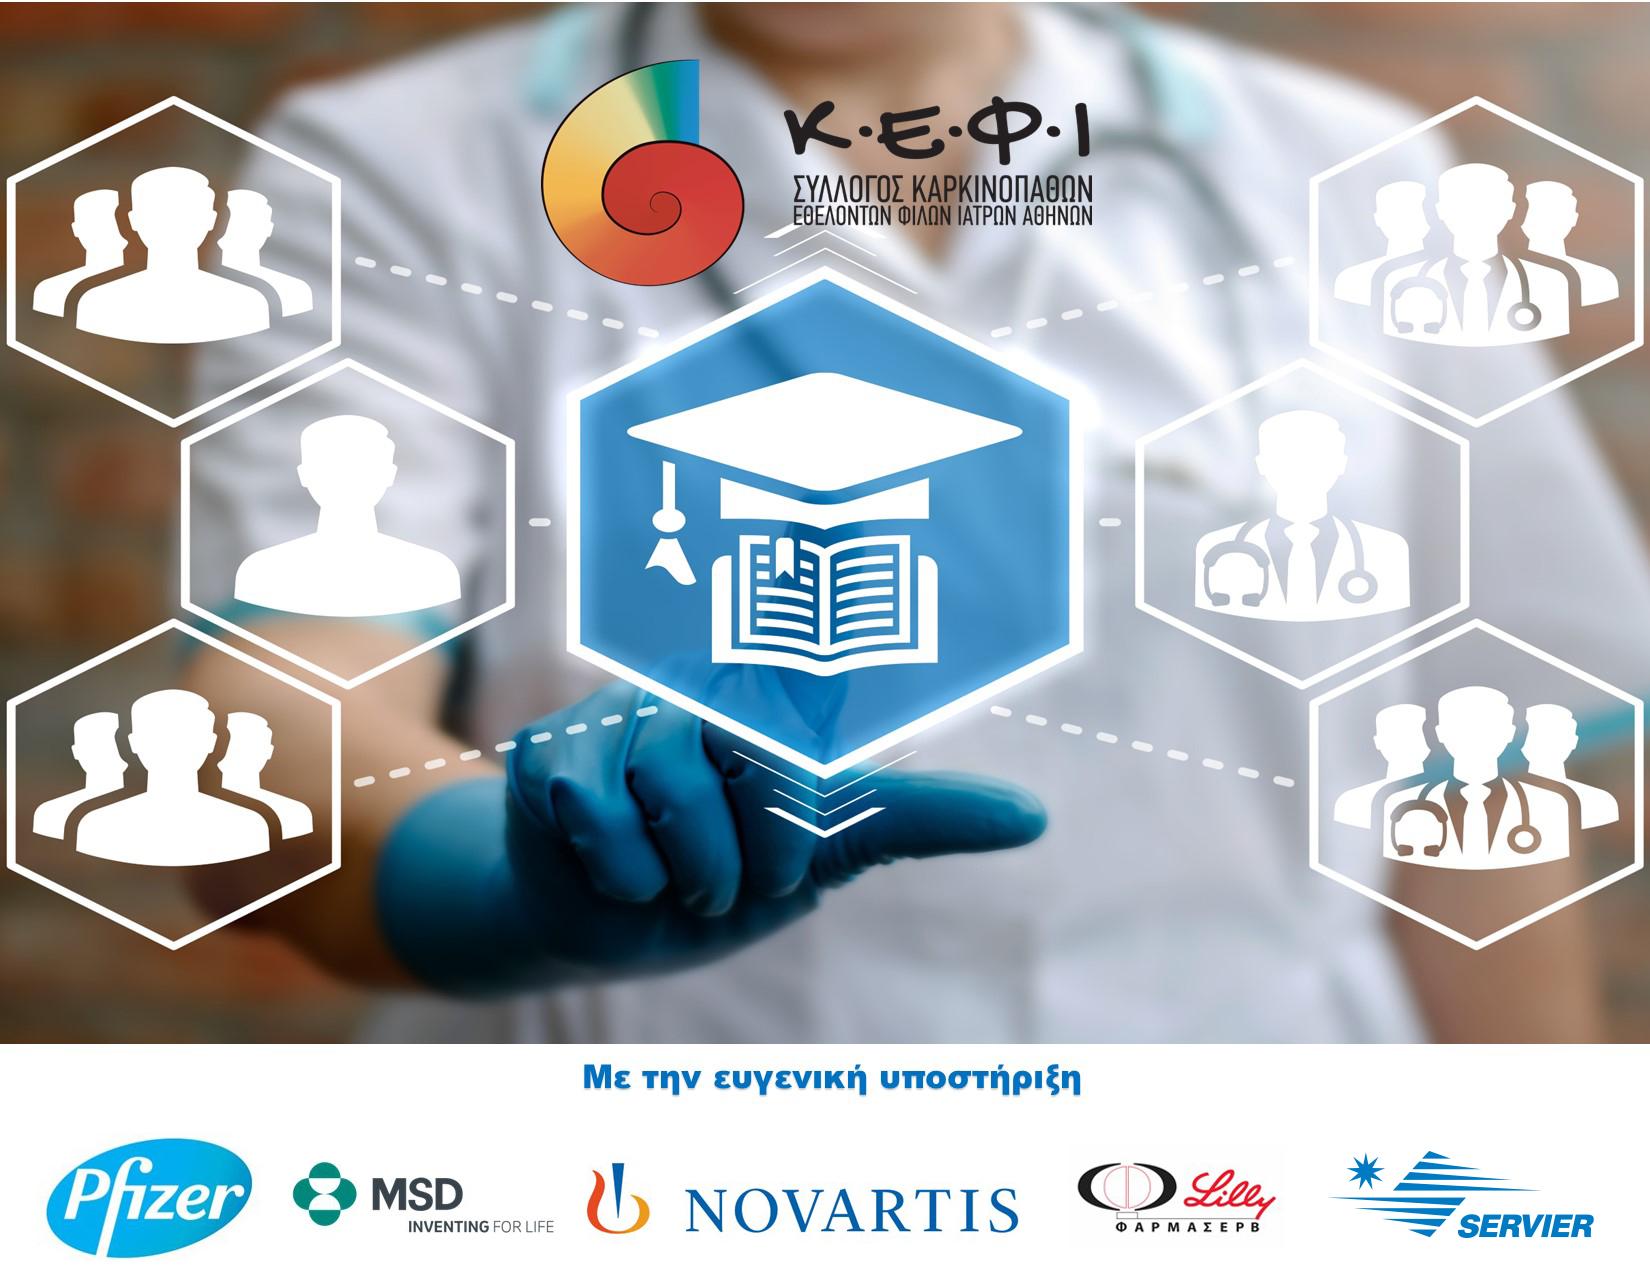 ΚΕΦΙ: Διαδικτυακό Σεμινάριο Ψυχολόγων και Kοινωνικών λειτουργών Συλλόγων Ασθενών